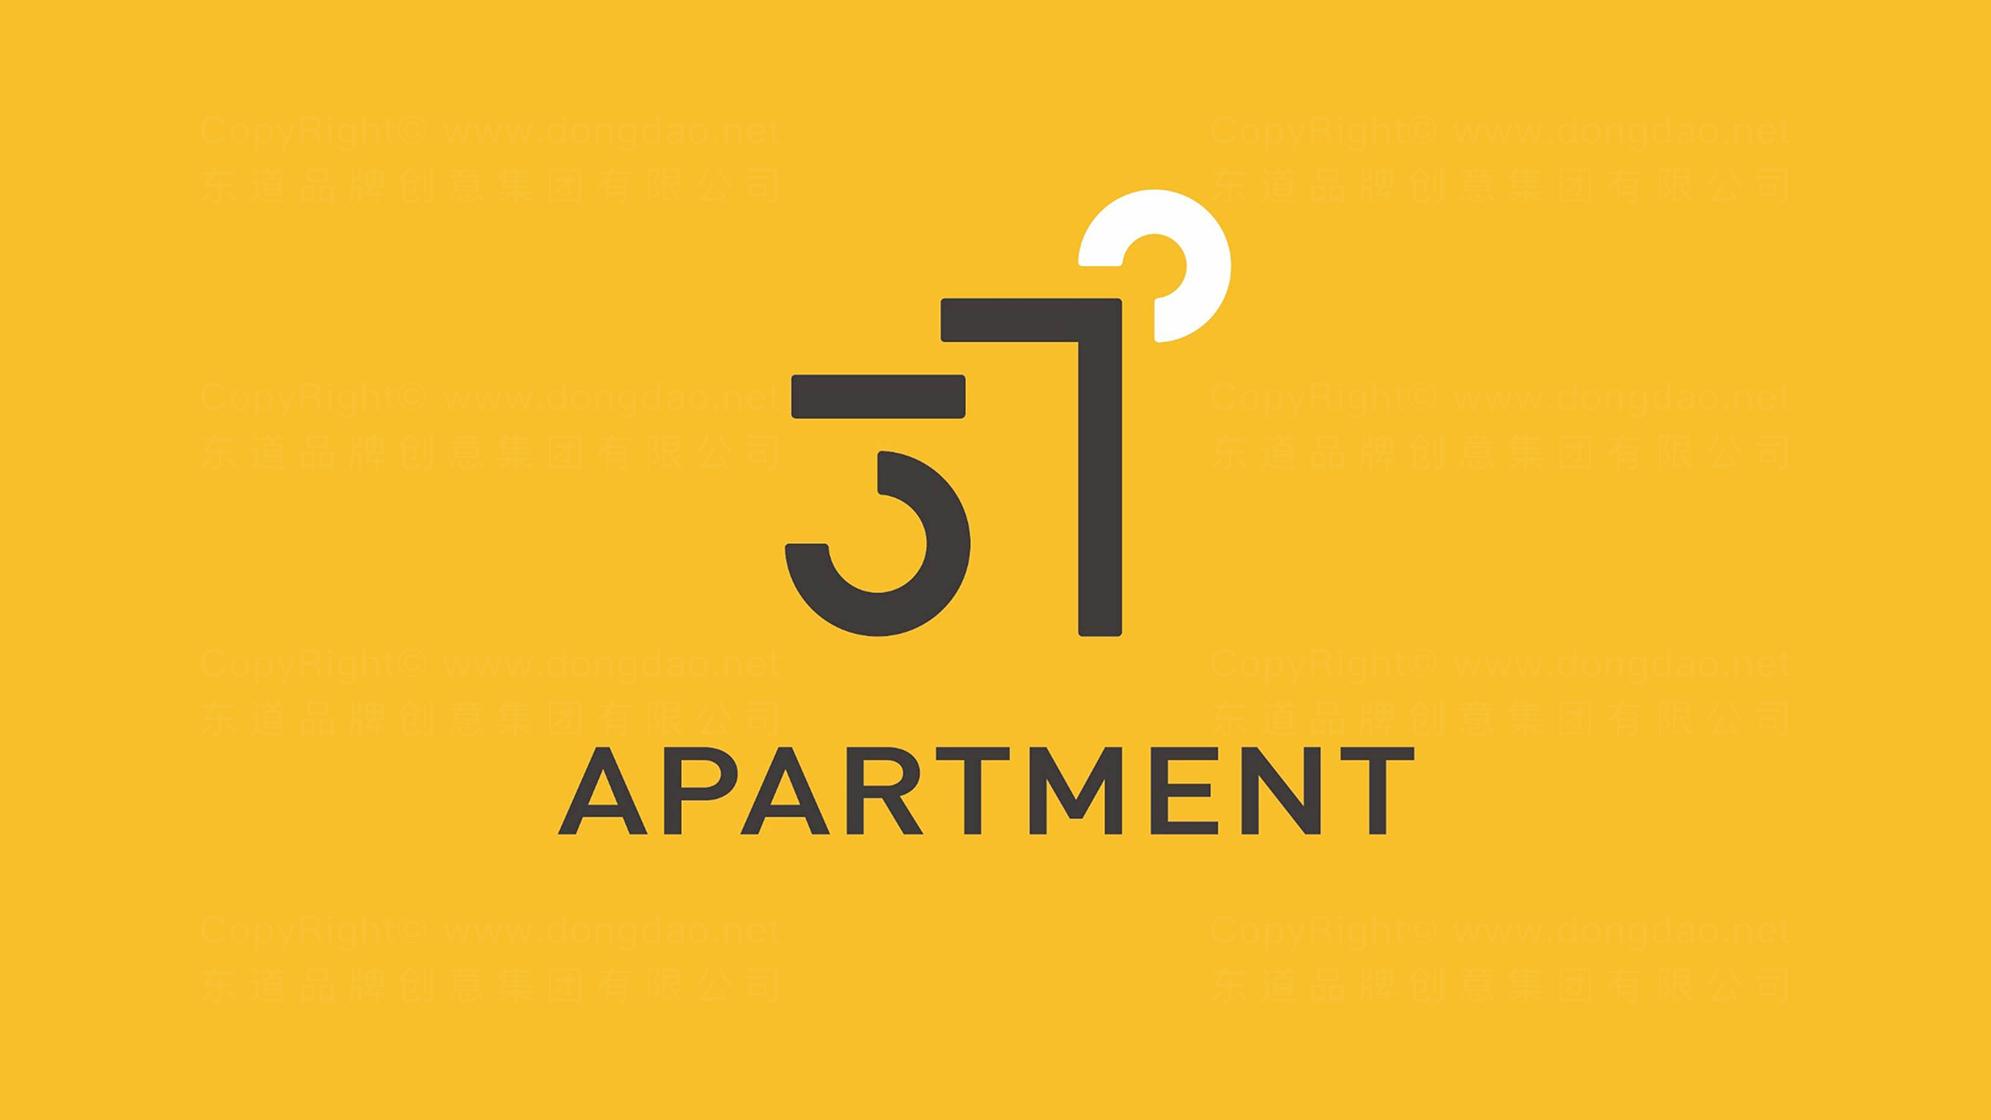 品牌设计37度公寓LOGO&VI设计应用